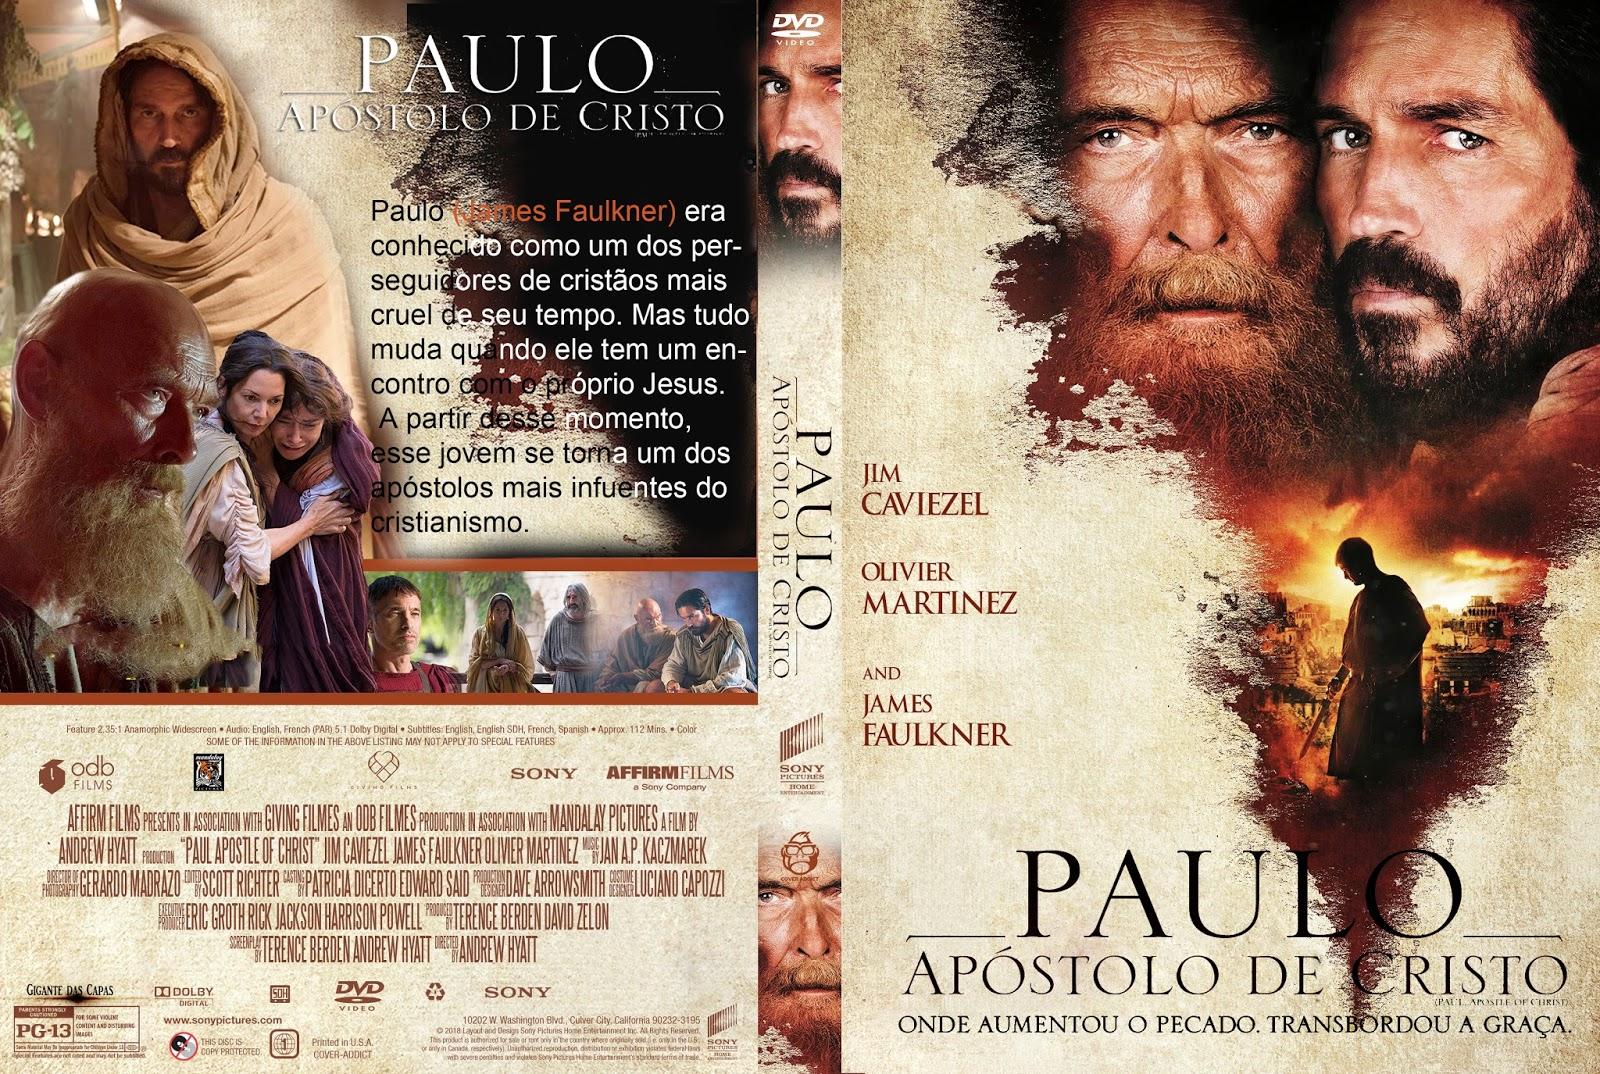 Resultado de imagem para Paulo, Apóstolo de Cristo capa